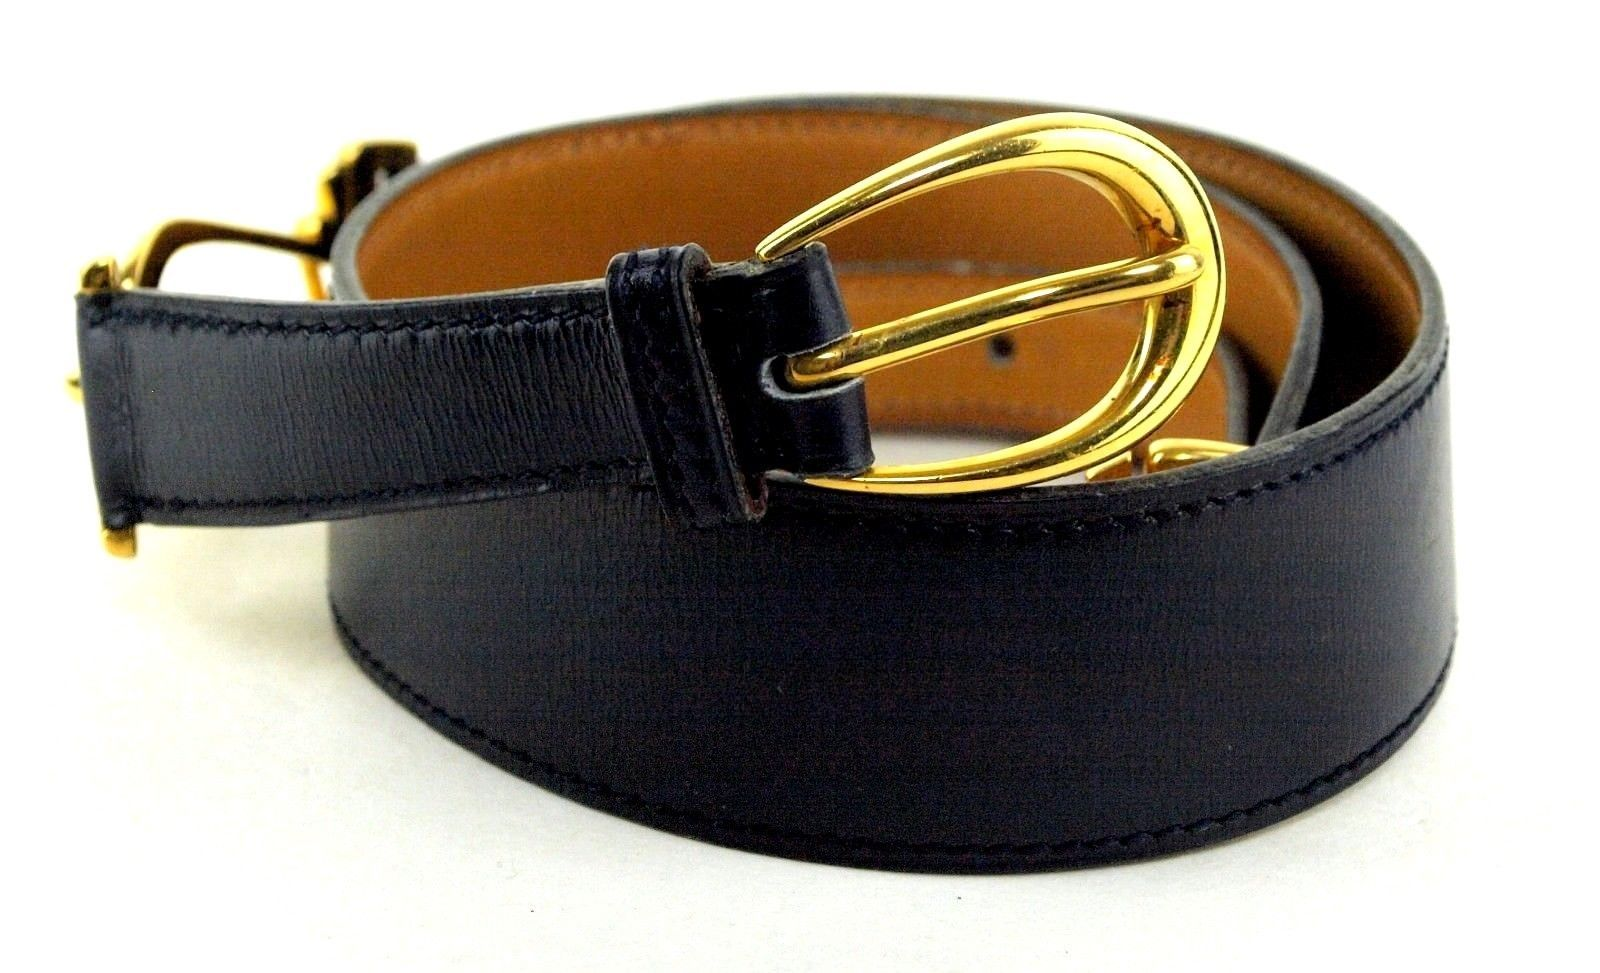 Auth HERMES Paris Gold Tone Metal Buckle Navy Leather Belt Size 76 cm France